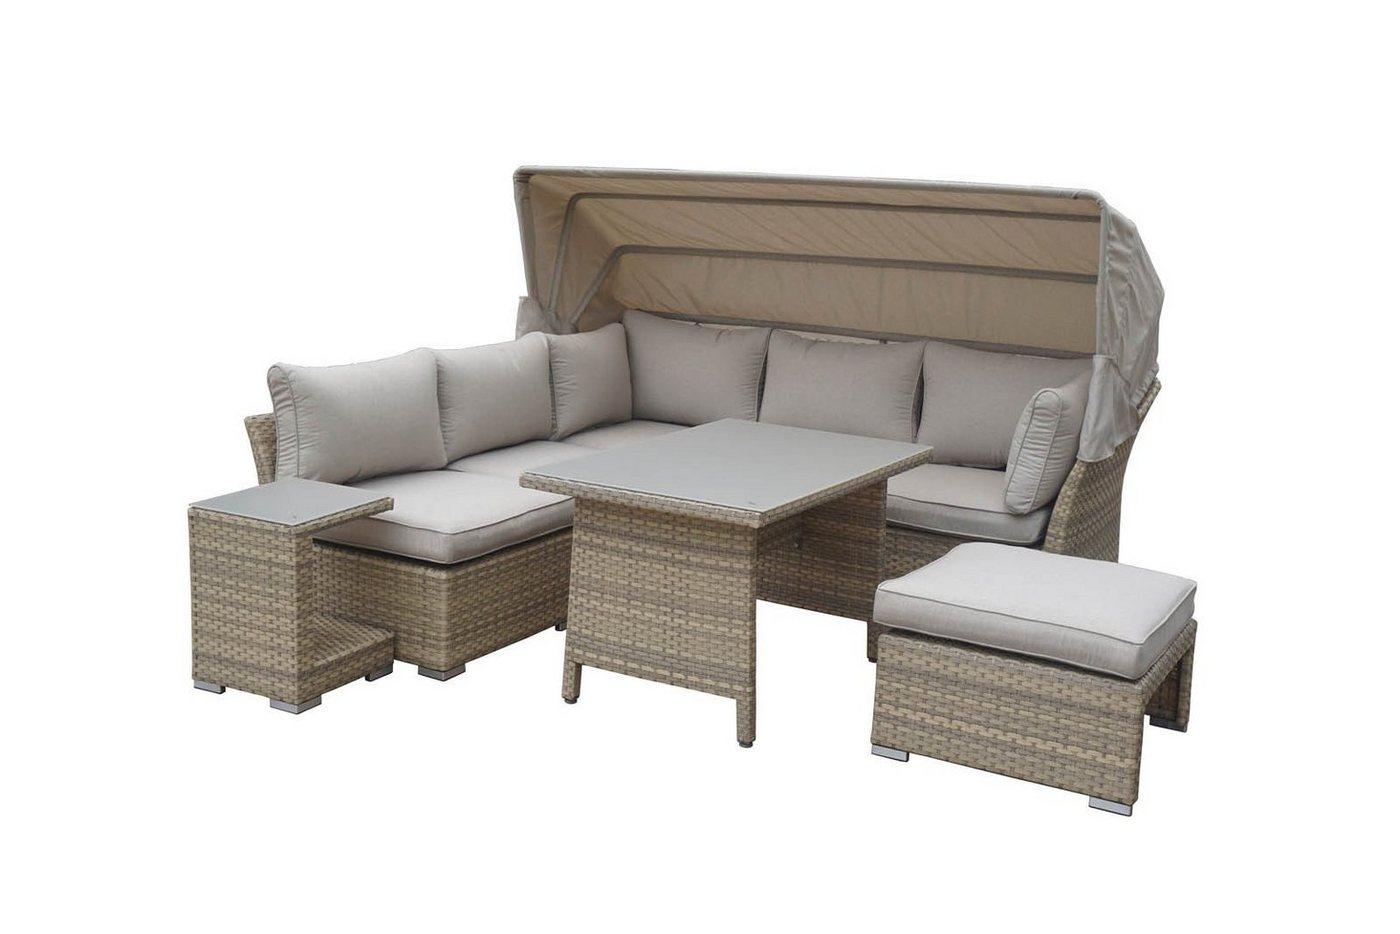 shopthewall obi gartenmbelgruppe abilene 6 teilig. Black Bedroom Furniture Sets. Home Design Ideas